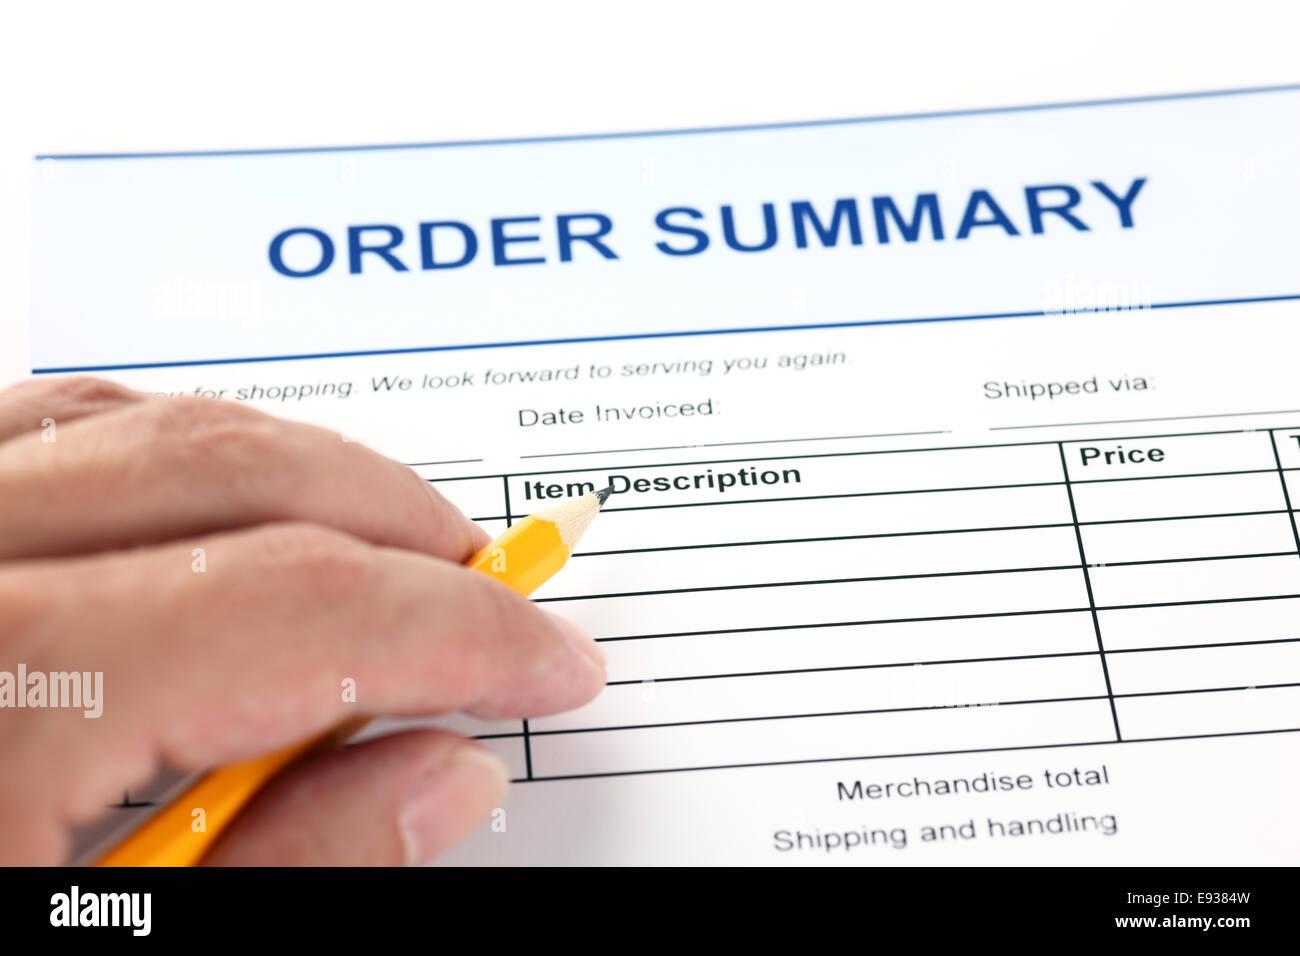 Formulario de solicitud de resumen del pedido y la mano humana con lápiz Imagen De Stock